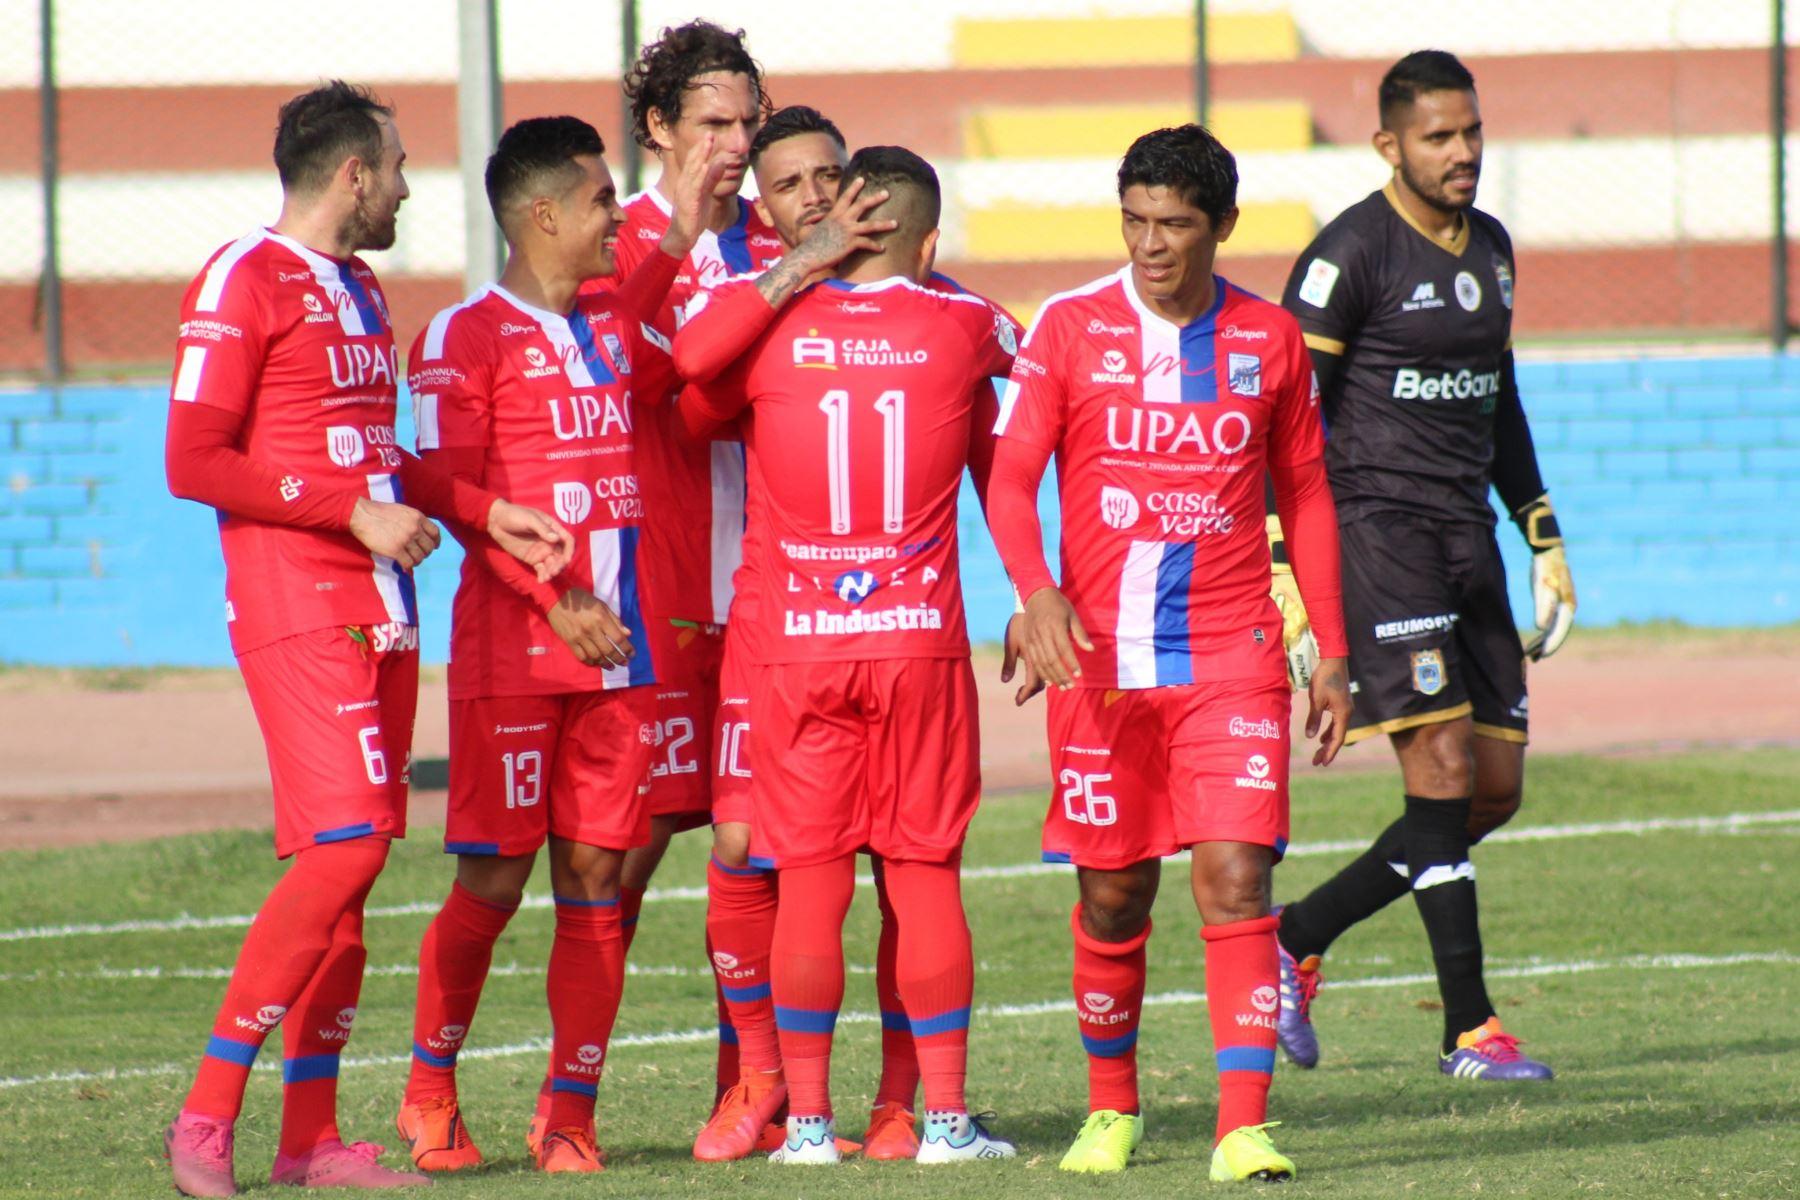 El futbolista Patricio Arce del Mannucci ,celebra su gol anotado ante el club Binacional , durante el partido por la fecha 14 de la Liga 1 del Torneo Apertura 2020, en el estadio Miguel Grau. Foto: @LigaFutProf